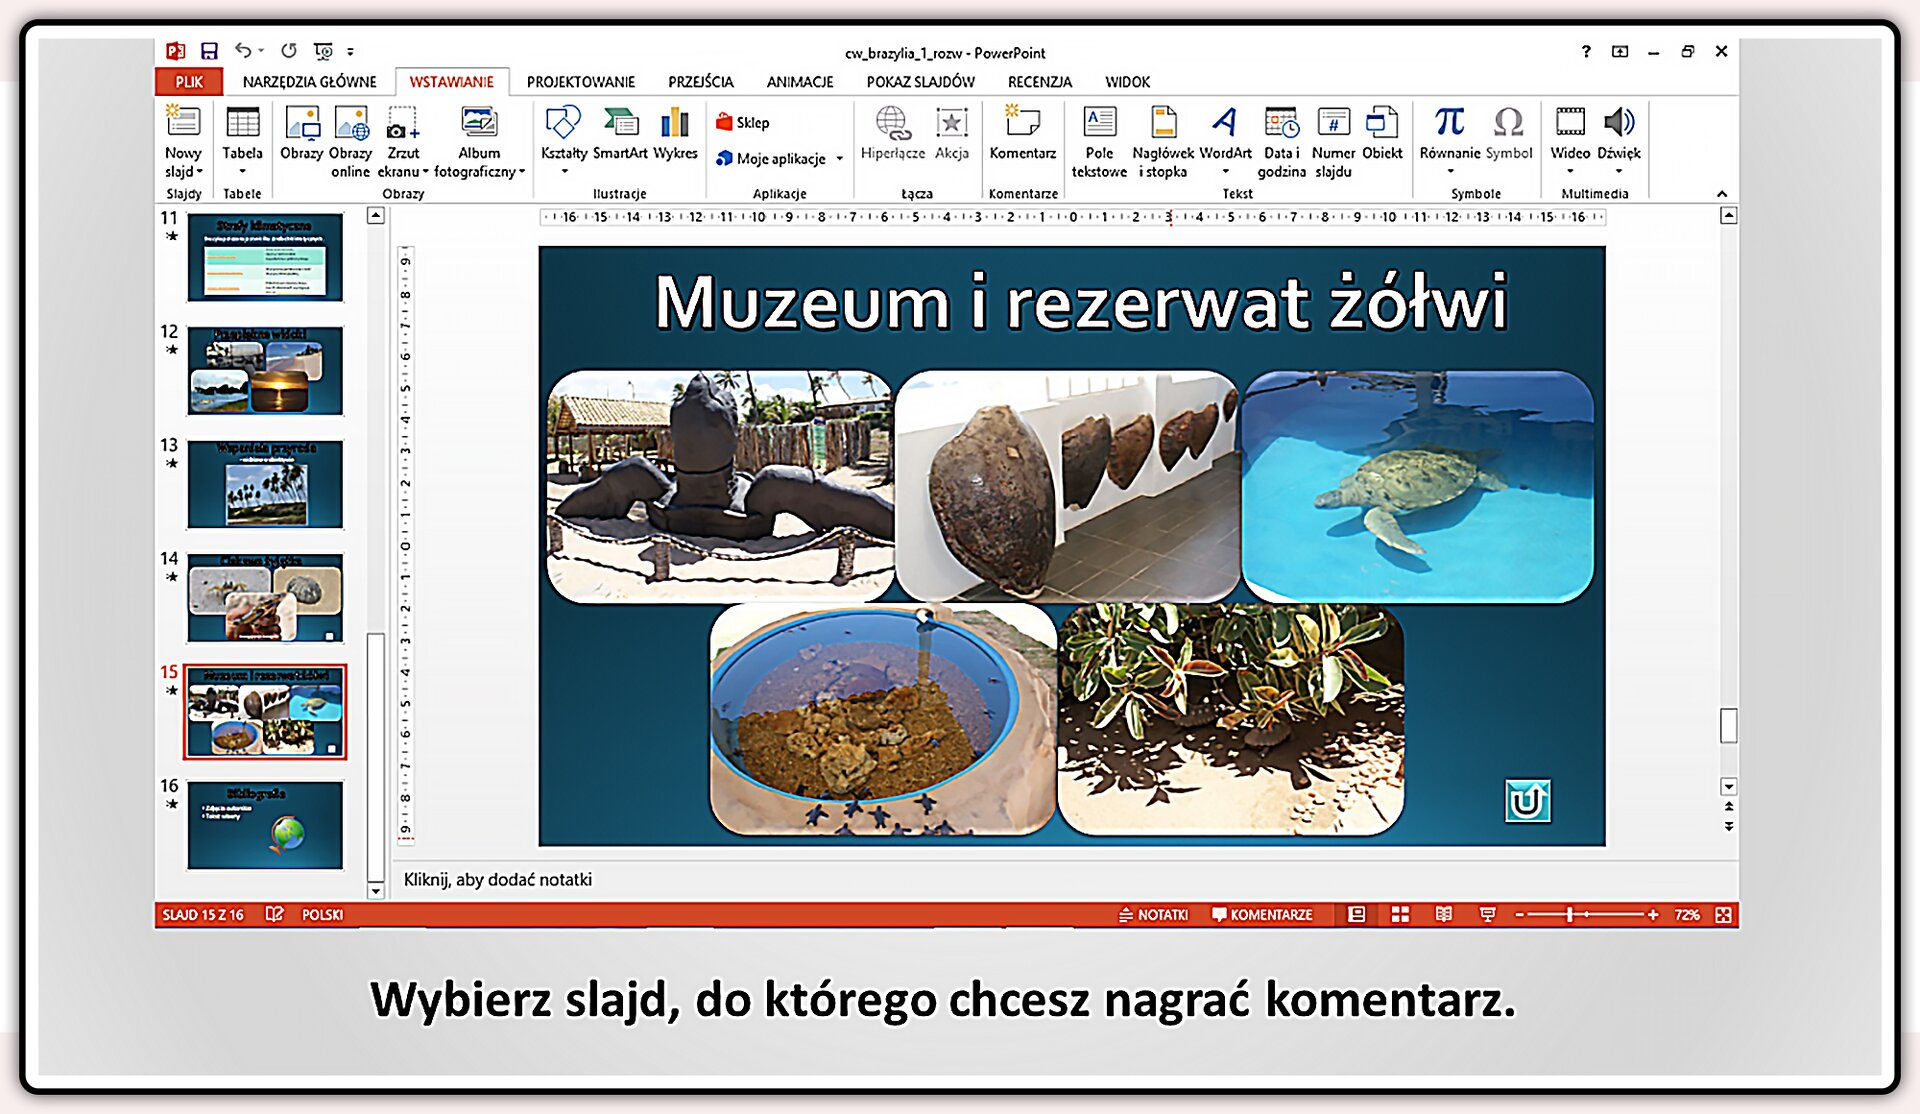 Slajd 1 galerii slajdów pokazu: Nagrywanie komentarza do prezentacji wprogramie MS PowerPoint